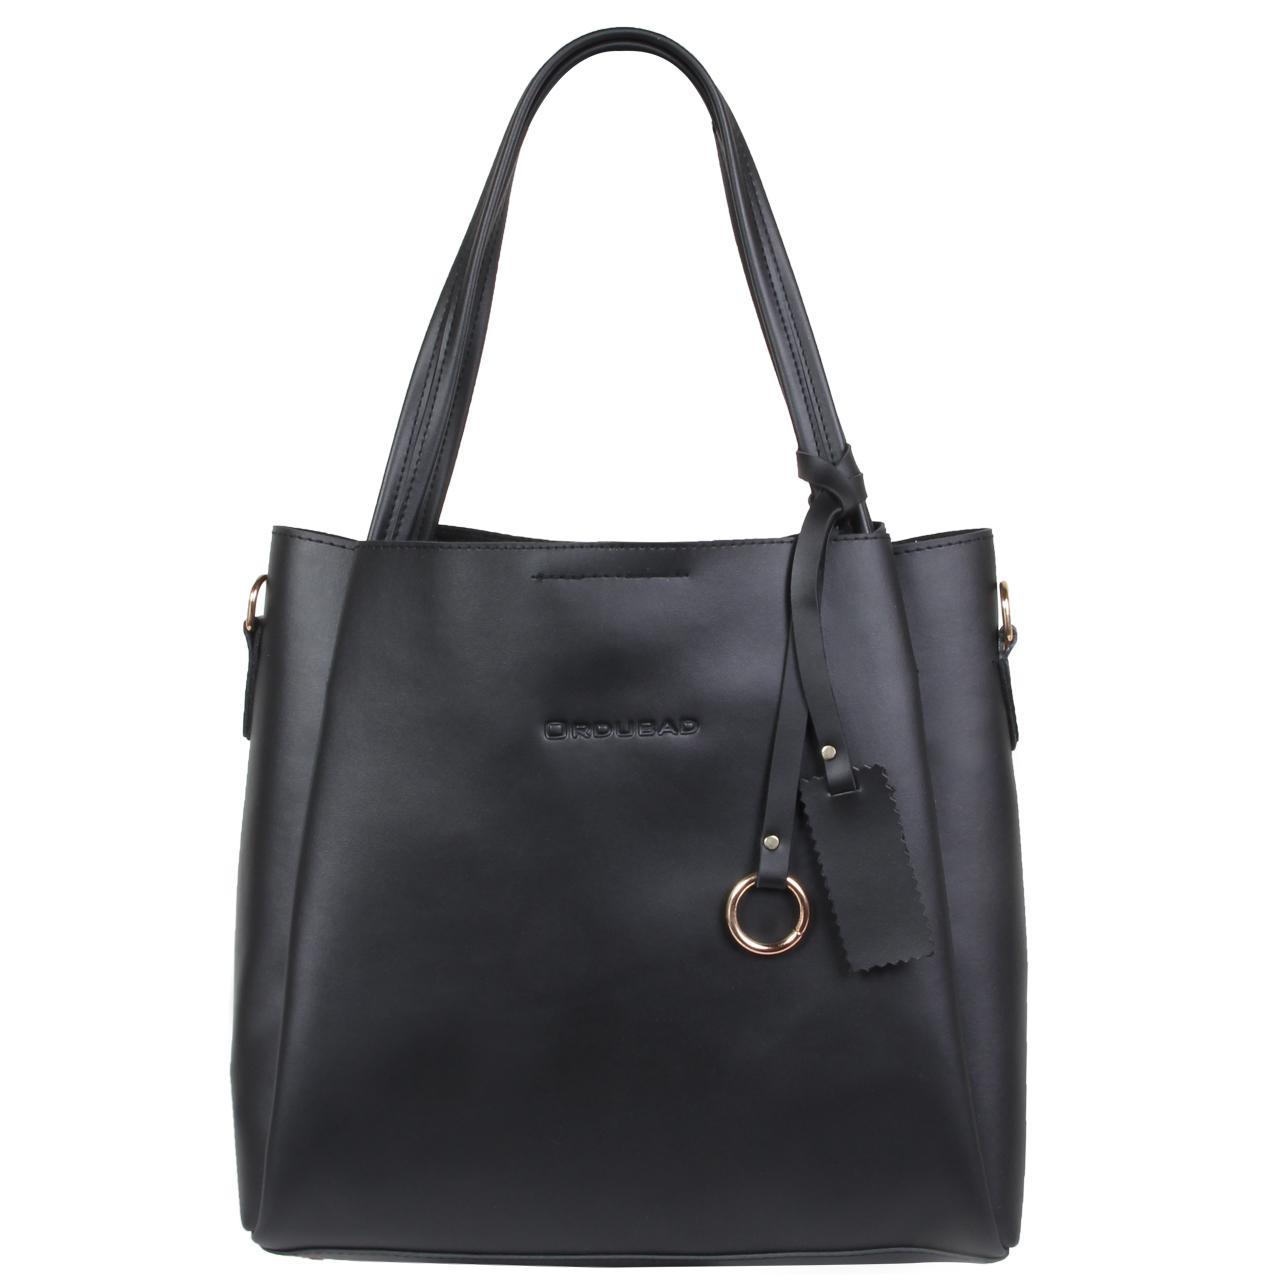 کیف دستی زنانه اوردوبید مدل 1-2148